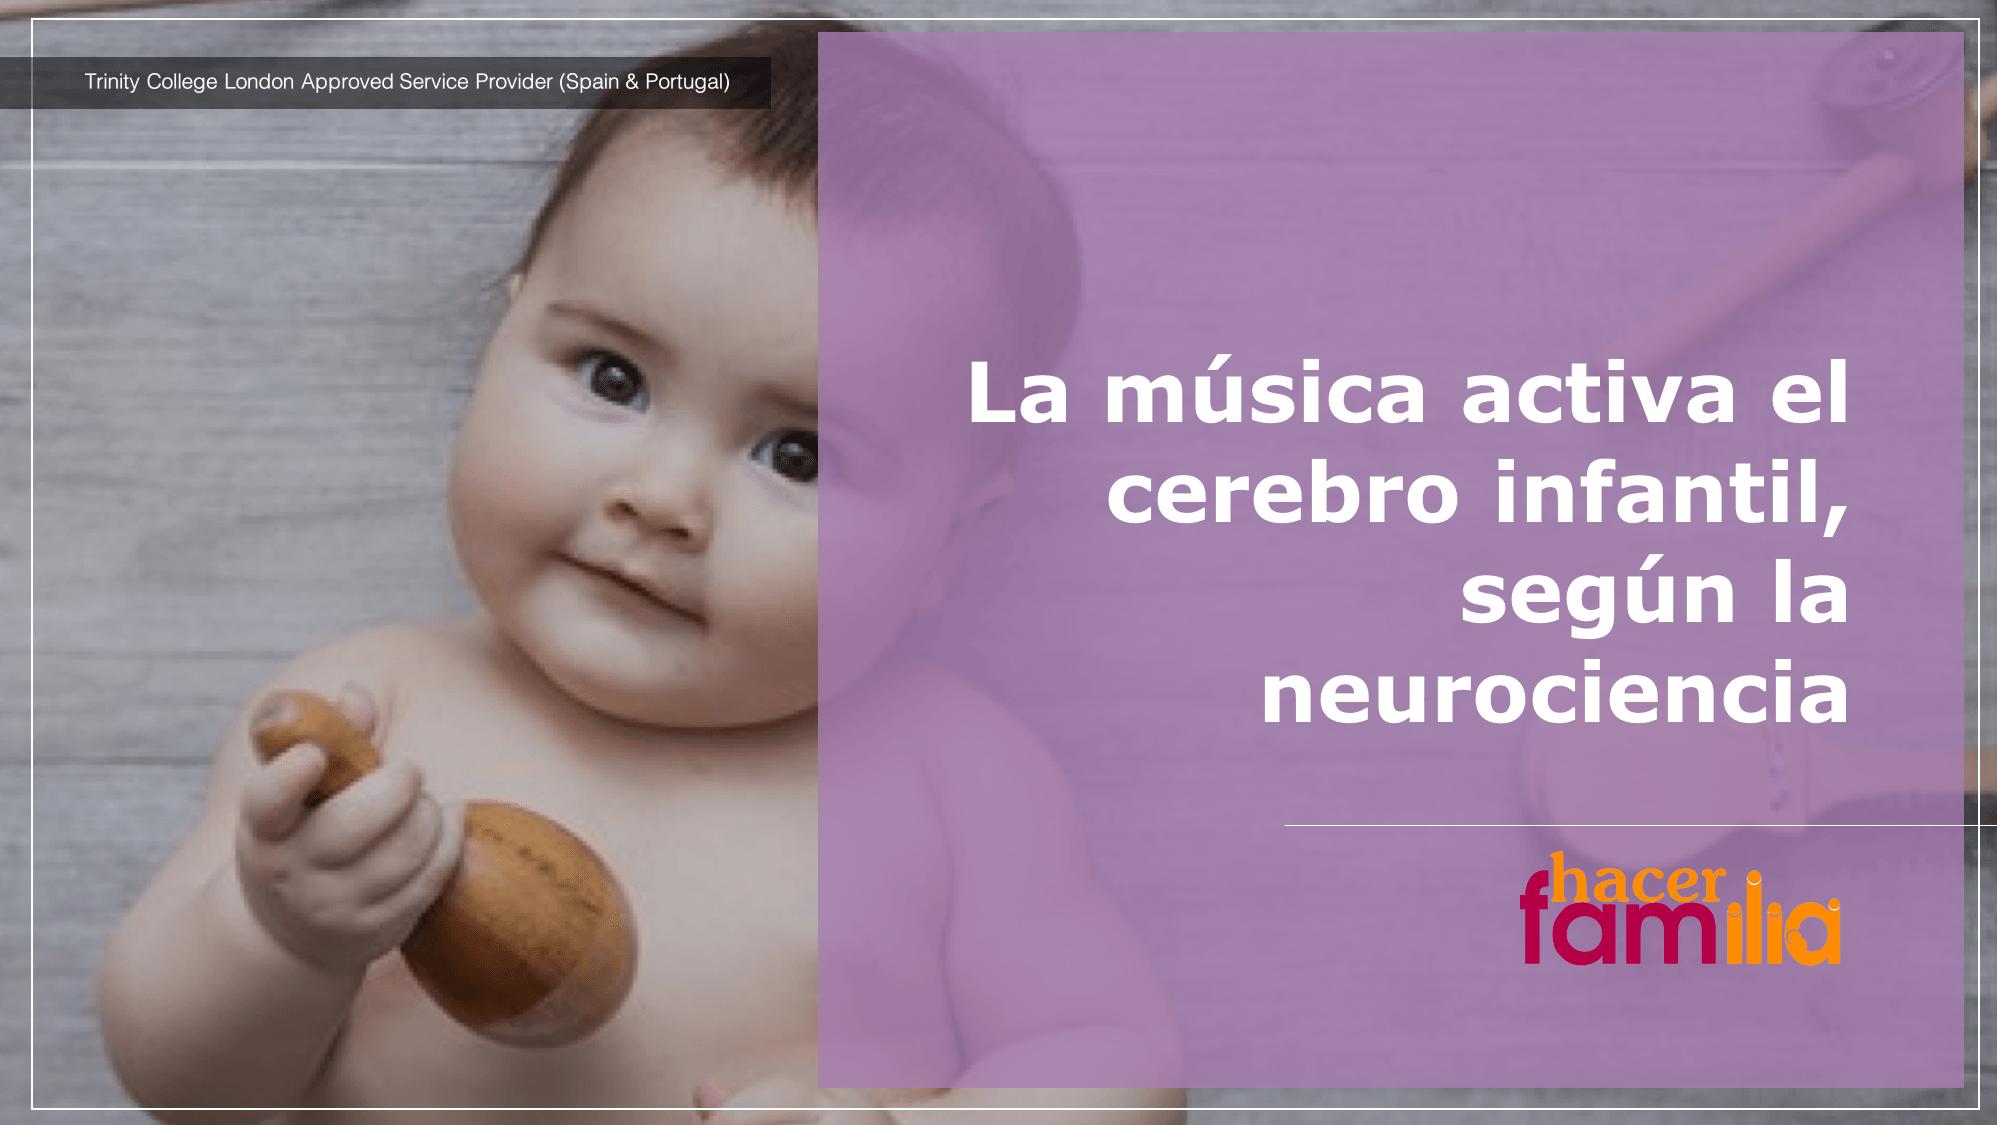 Las habilidades matemáticas, el desarrollo cognitivo, la confianza, las habilidades lingüísticas, la memoria, la atención, la autonomía, la creatividad, la flexibilidad emocional y la empatía convergen en las personas que conviven con experiencias musicales desde su infancia.